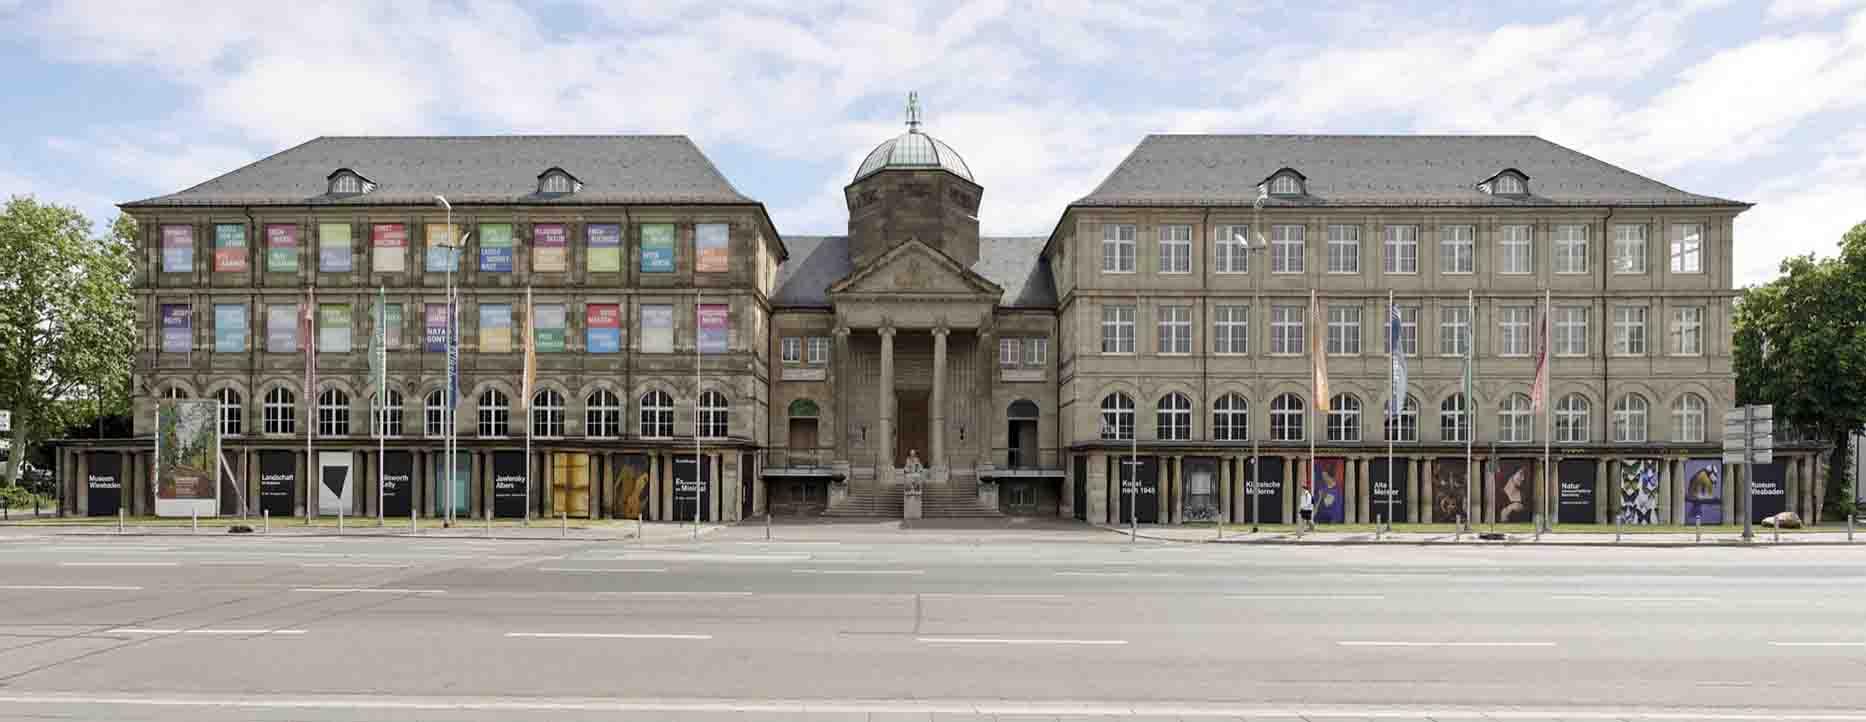 wiesbaden-museum-wiesbaden2